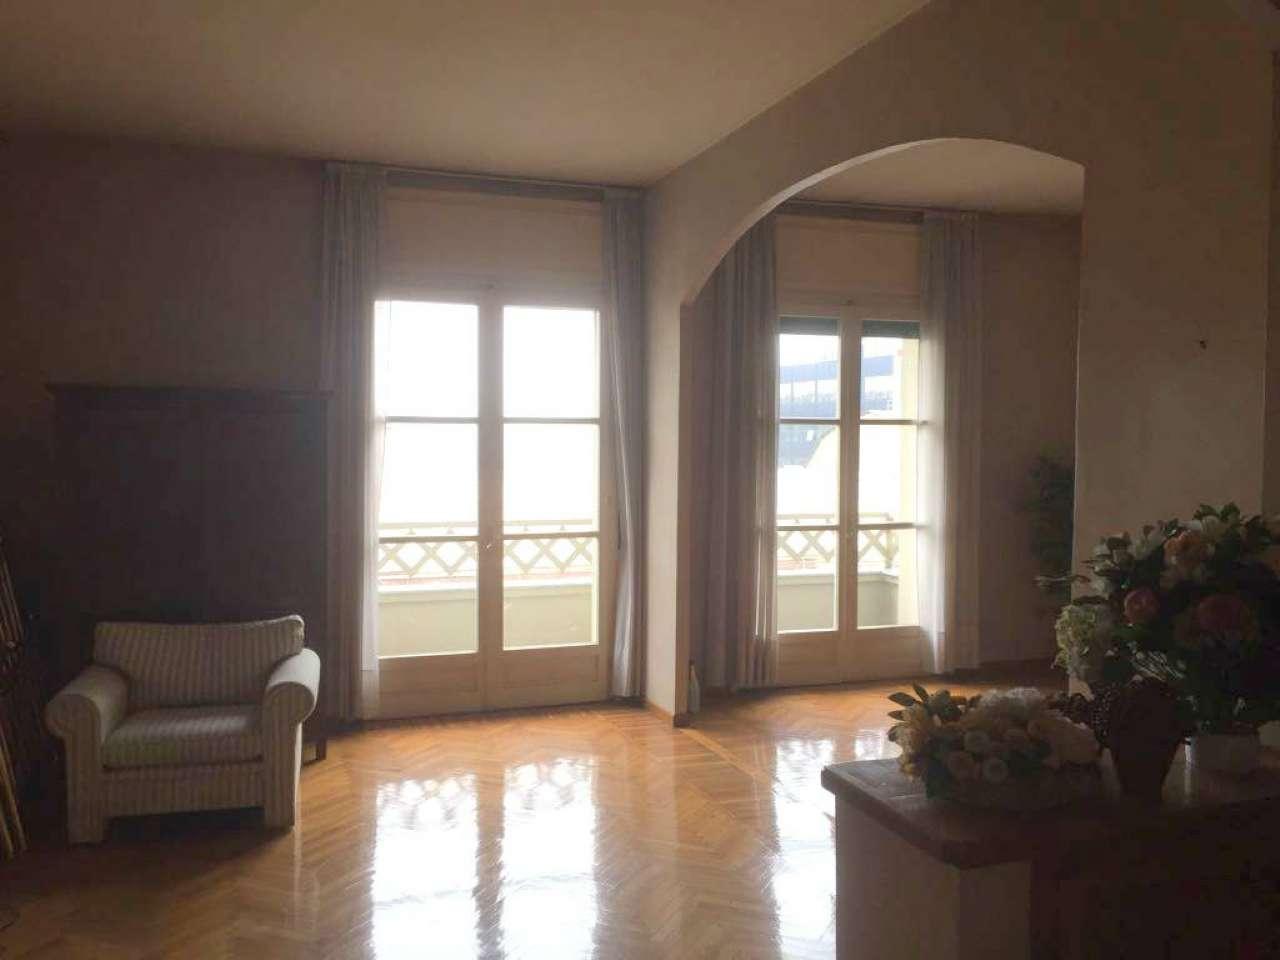 Disegno Idea appartamento 2 camere da letto torino massima qualità foto : Appartamento in Vendita Zona Mirafiori via Cimabue 8 Torino